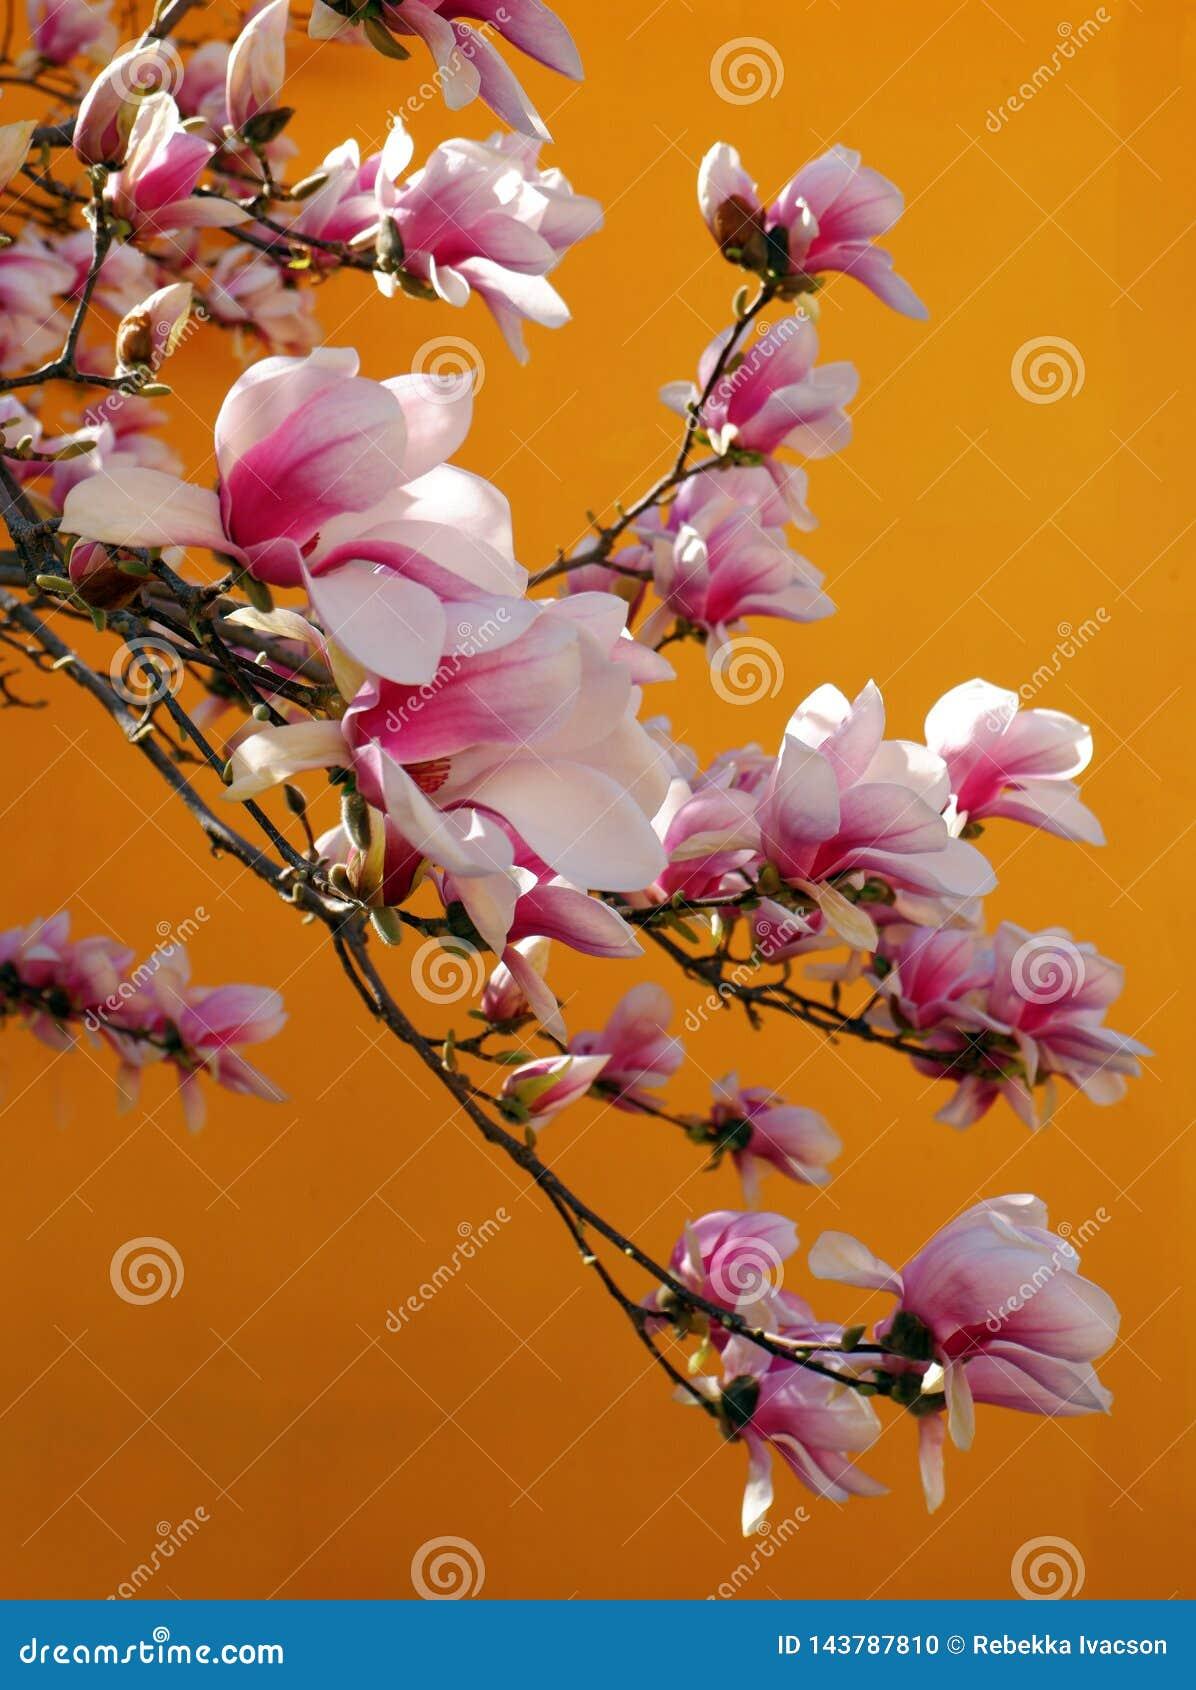 美丽的桃红色木兰花接近的看法反对橙色背景的